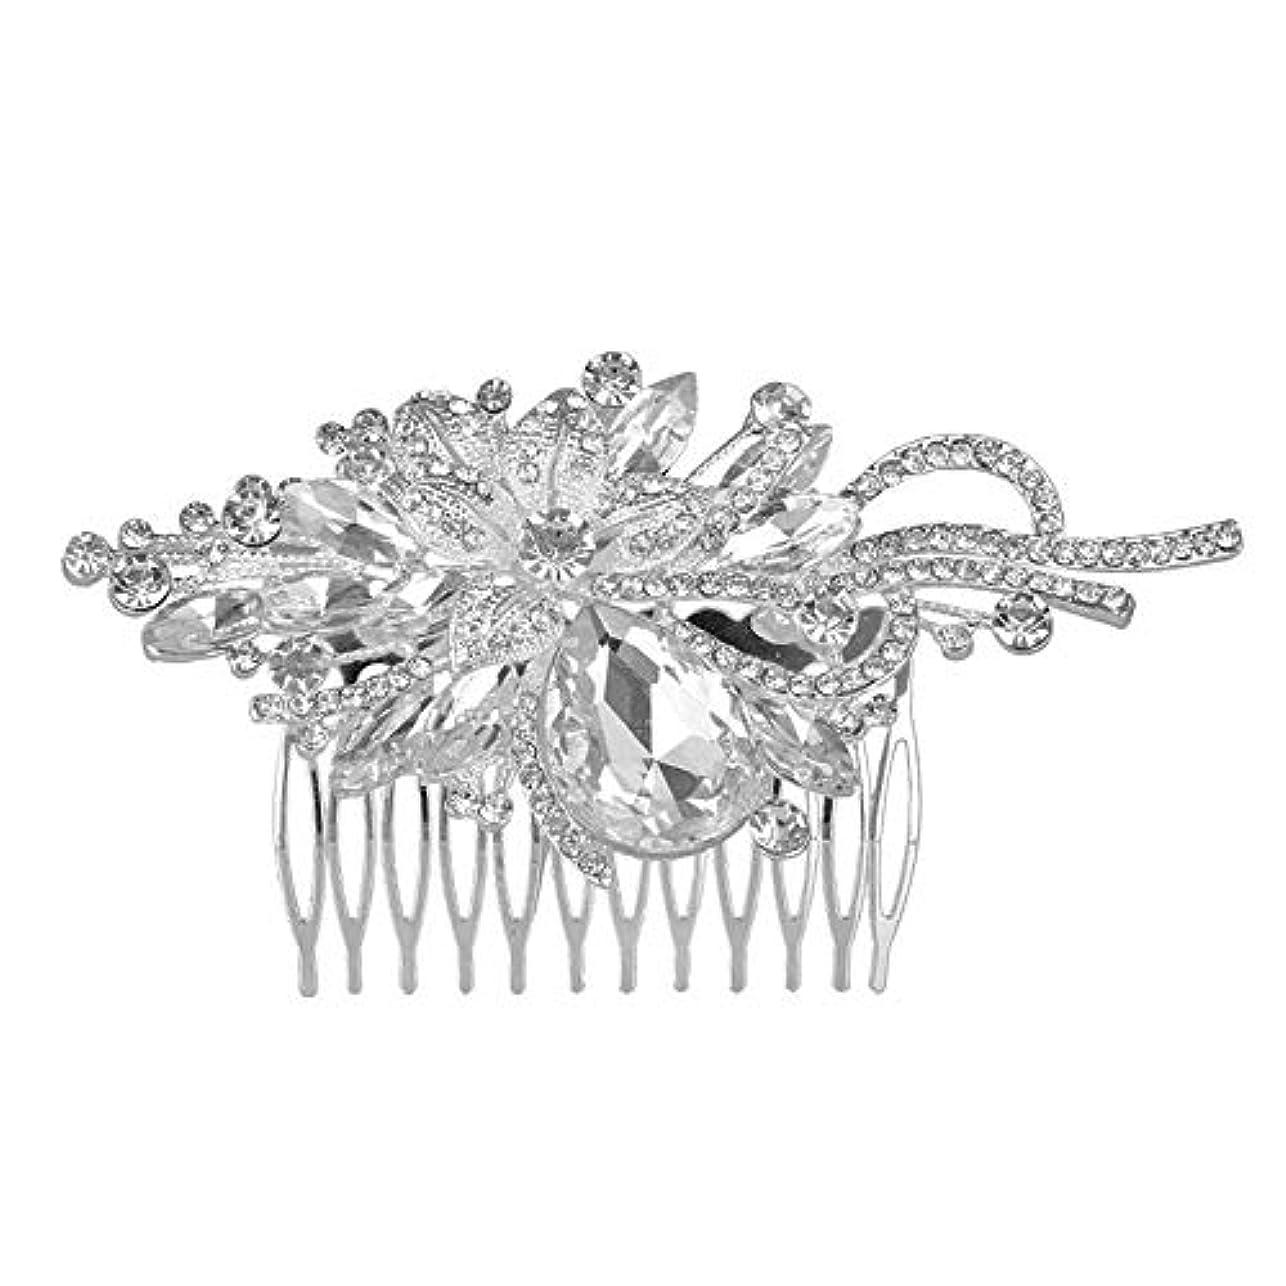 スキム知的幻滅髪の櫛挿入櫛花嫁の髪櫛クラウン髪の櫛結婚式のアクセサリー葉の髪の櫛ラインストーンの髪の櫛ブライダルヘッドドレス